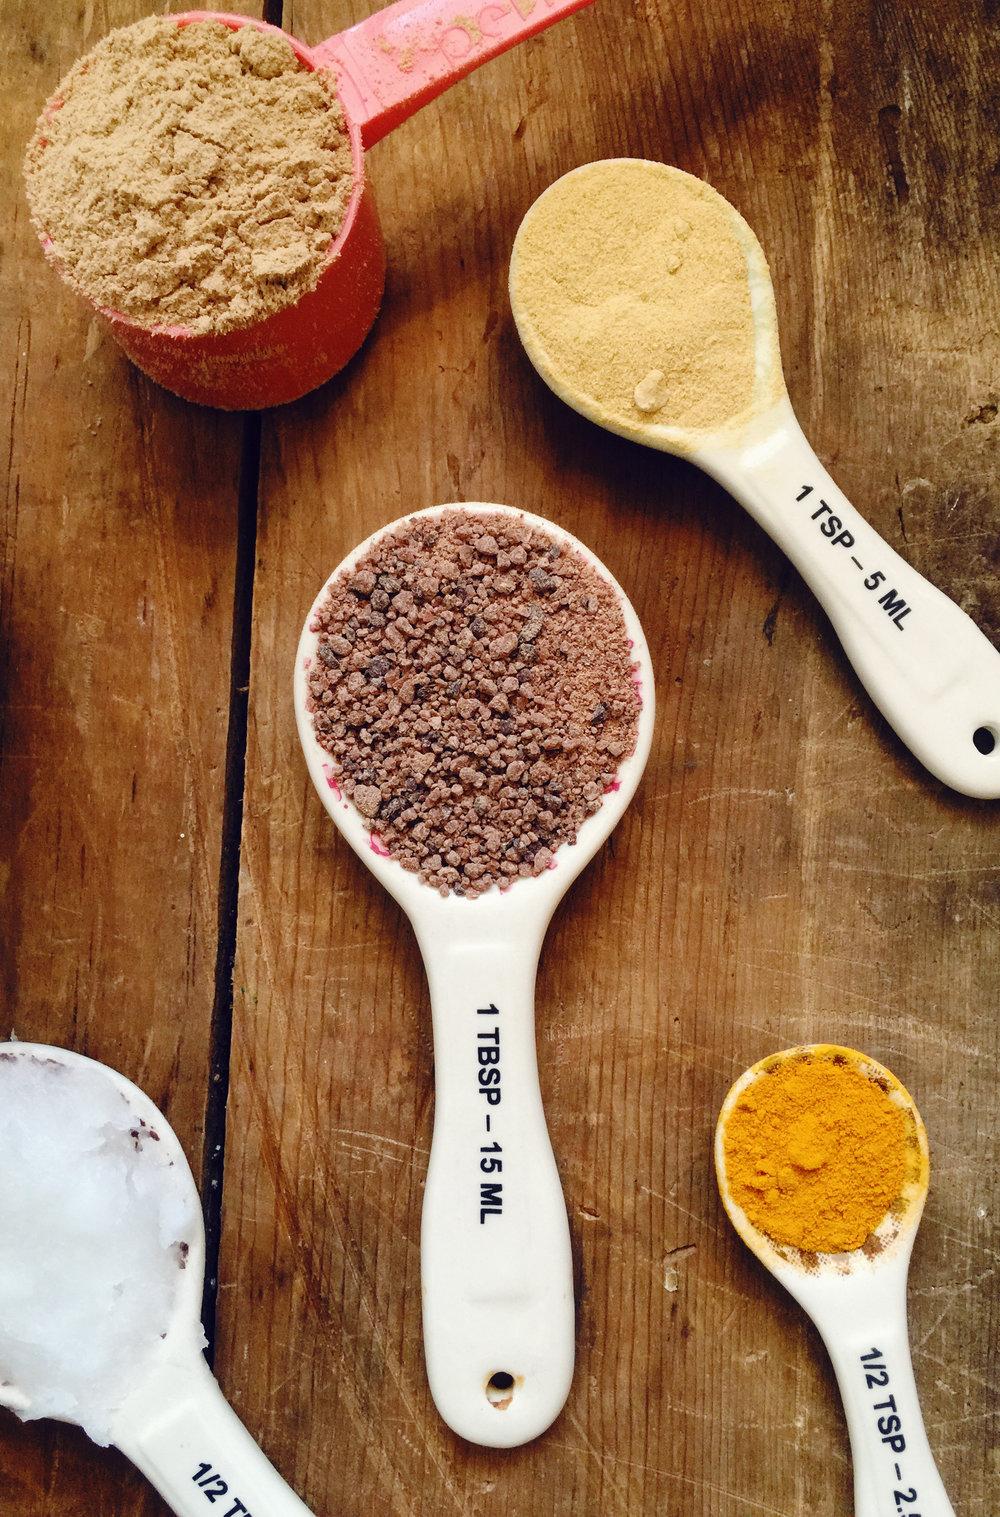 Superfood-hot-chocolate-ingredients.jpg